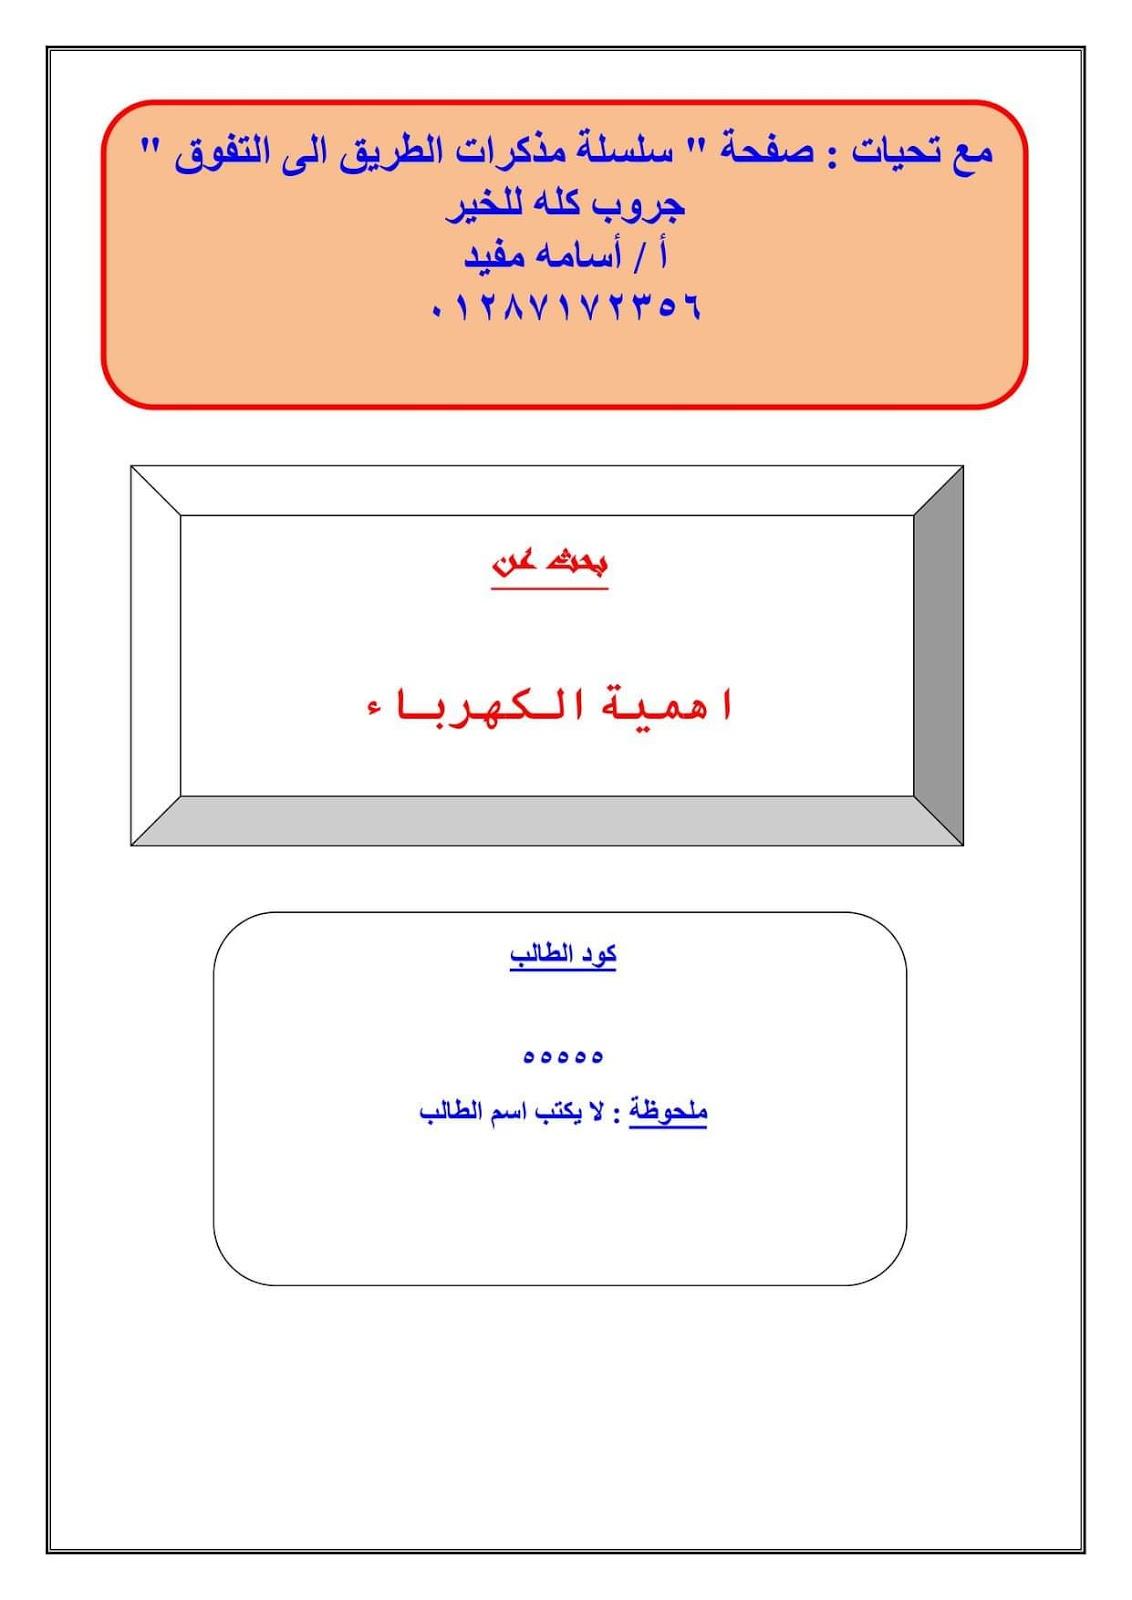 نموذج بحث استرشادى جاهز  - لطلاب المرحلة الابتدائية والاعدادية